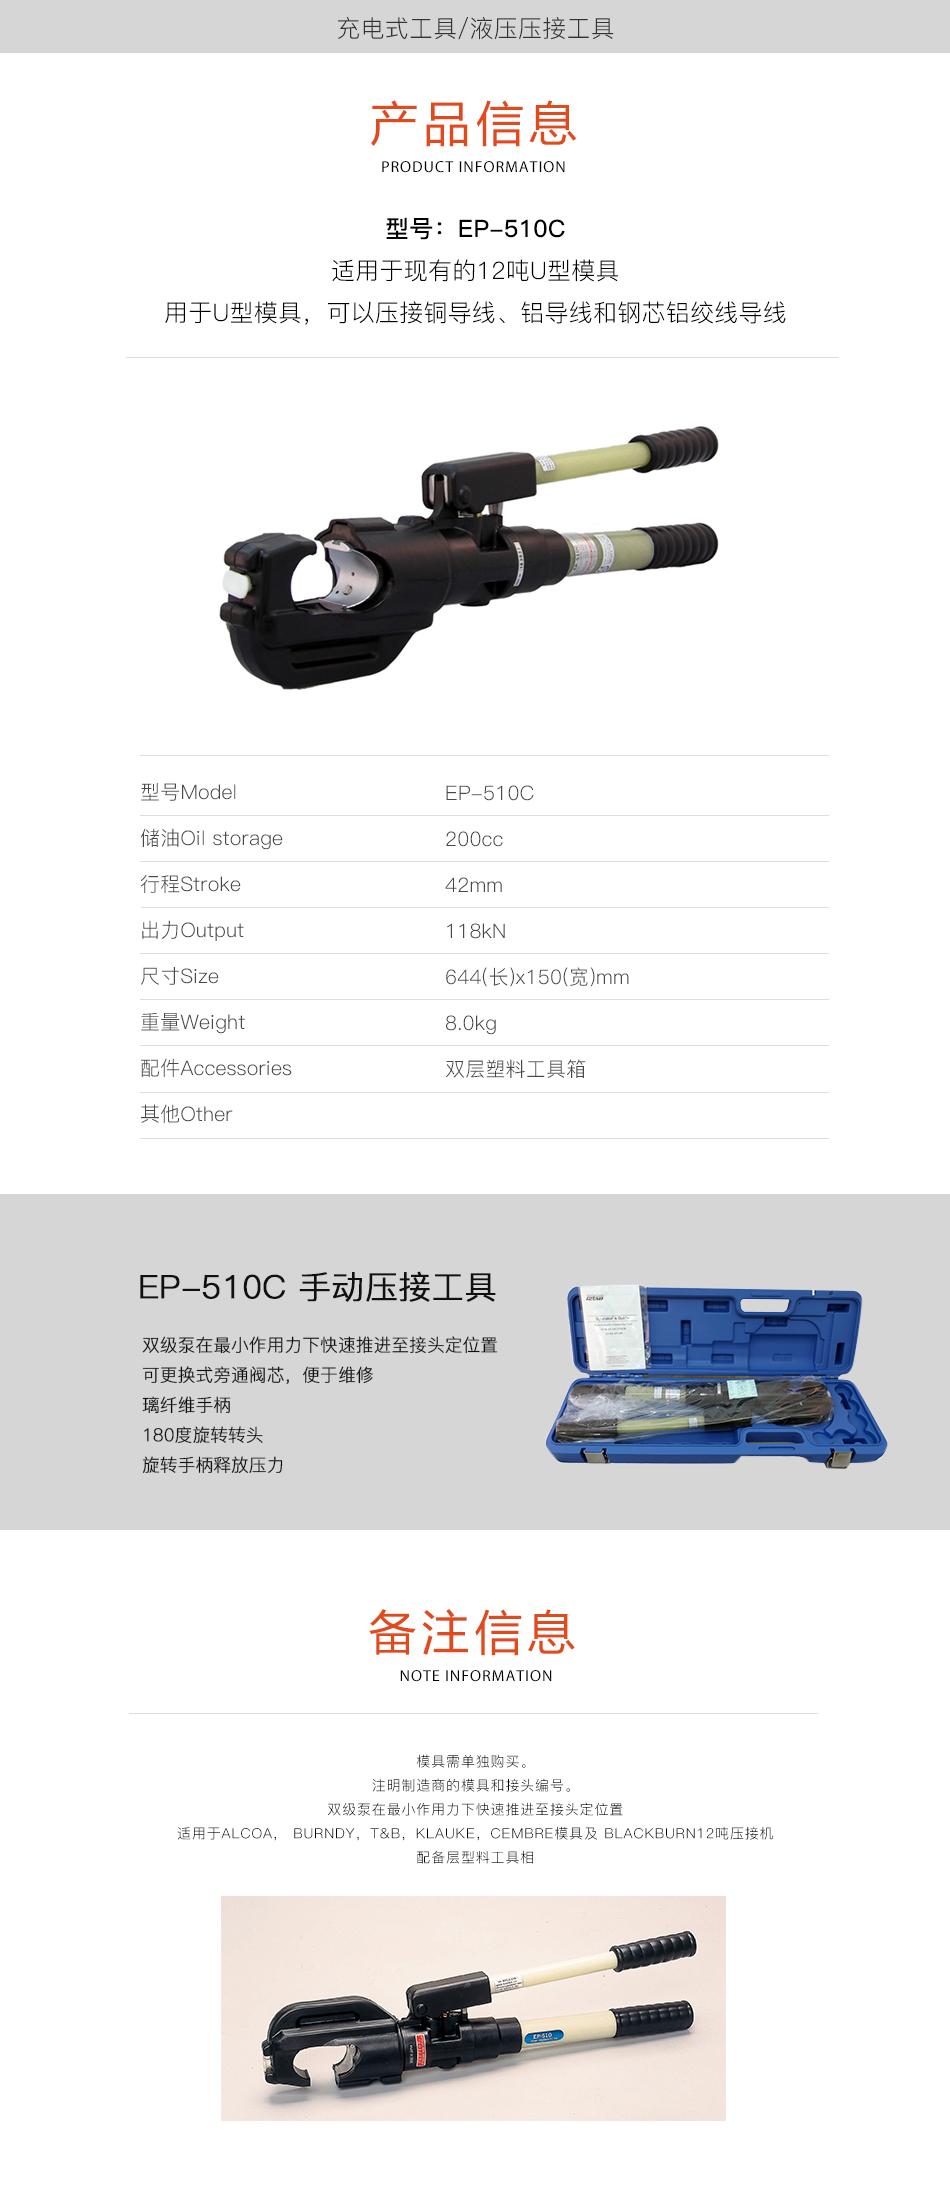 EP-510C.jpg